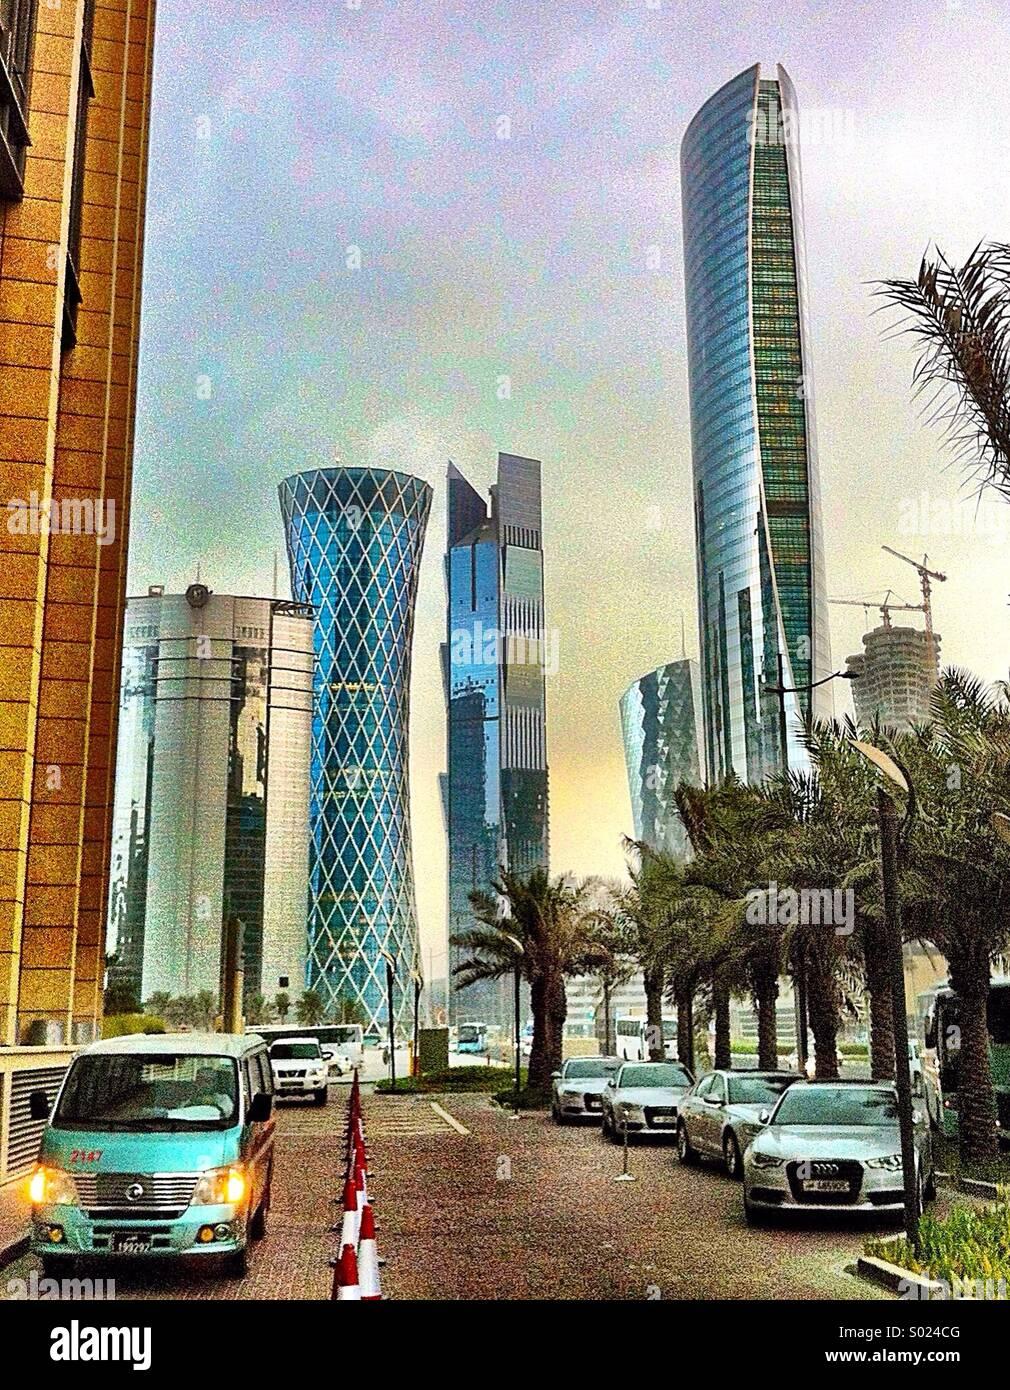 Skyline futuristica del Qatar, dal ingresso al Marriott Renaissance e Courtyard hotels Immagini Stock